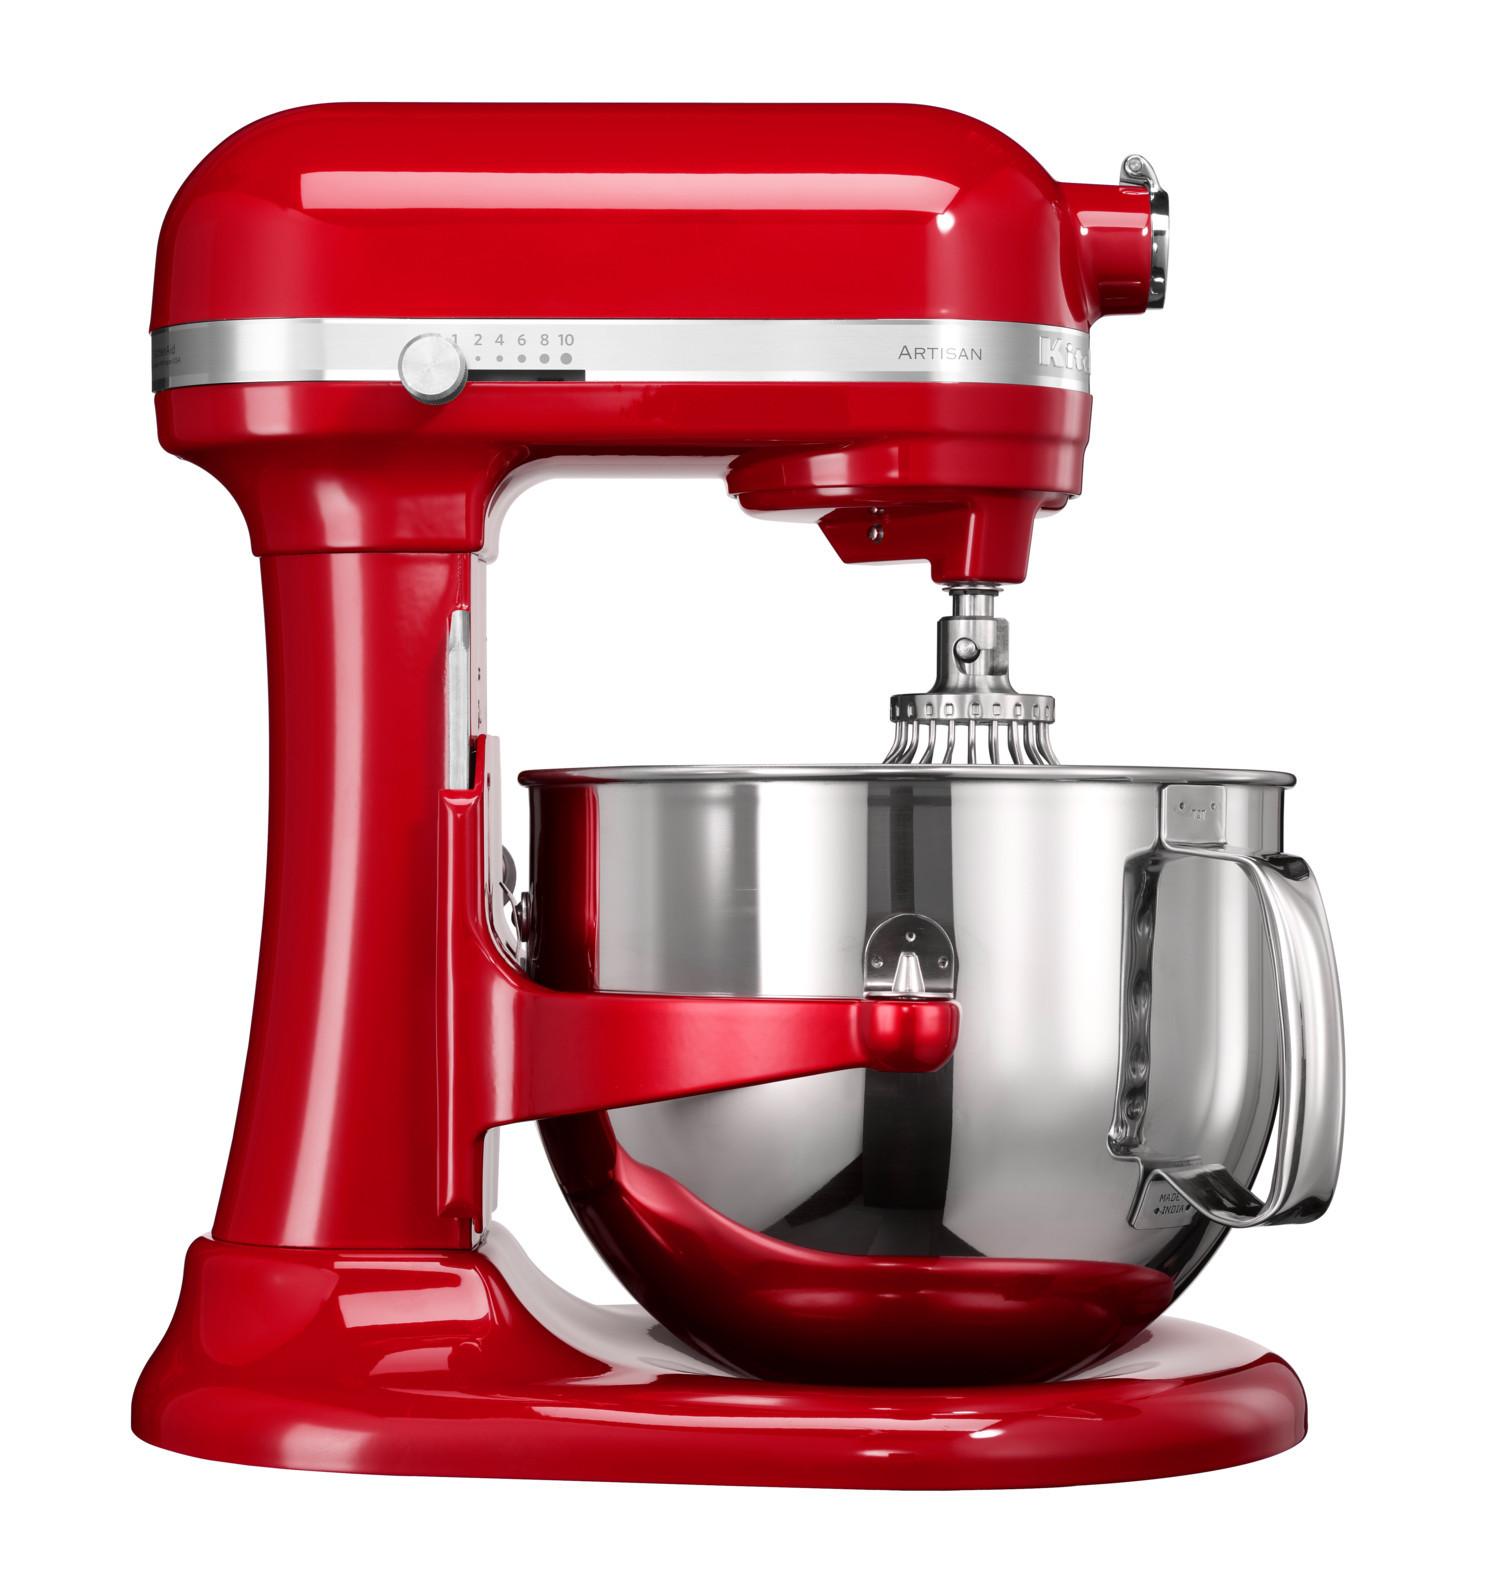 KitchenAid Artisan Küchenmaschine 6,9l Empirerot